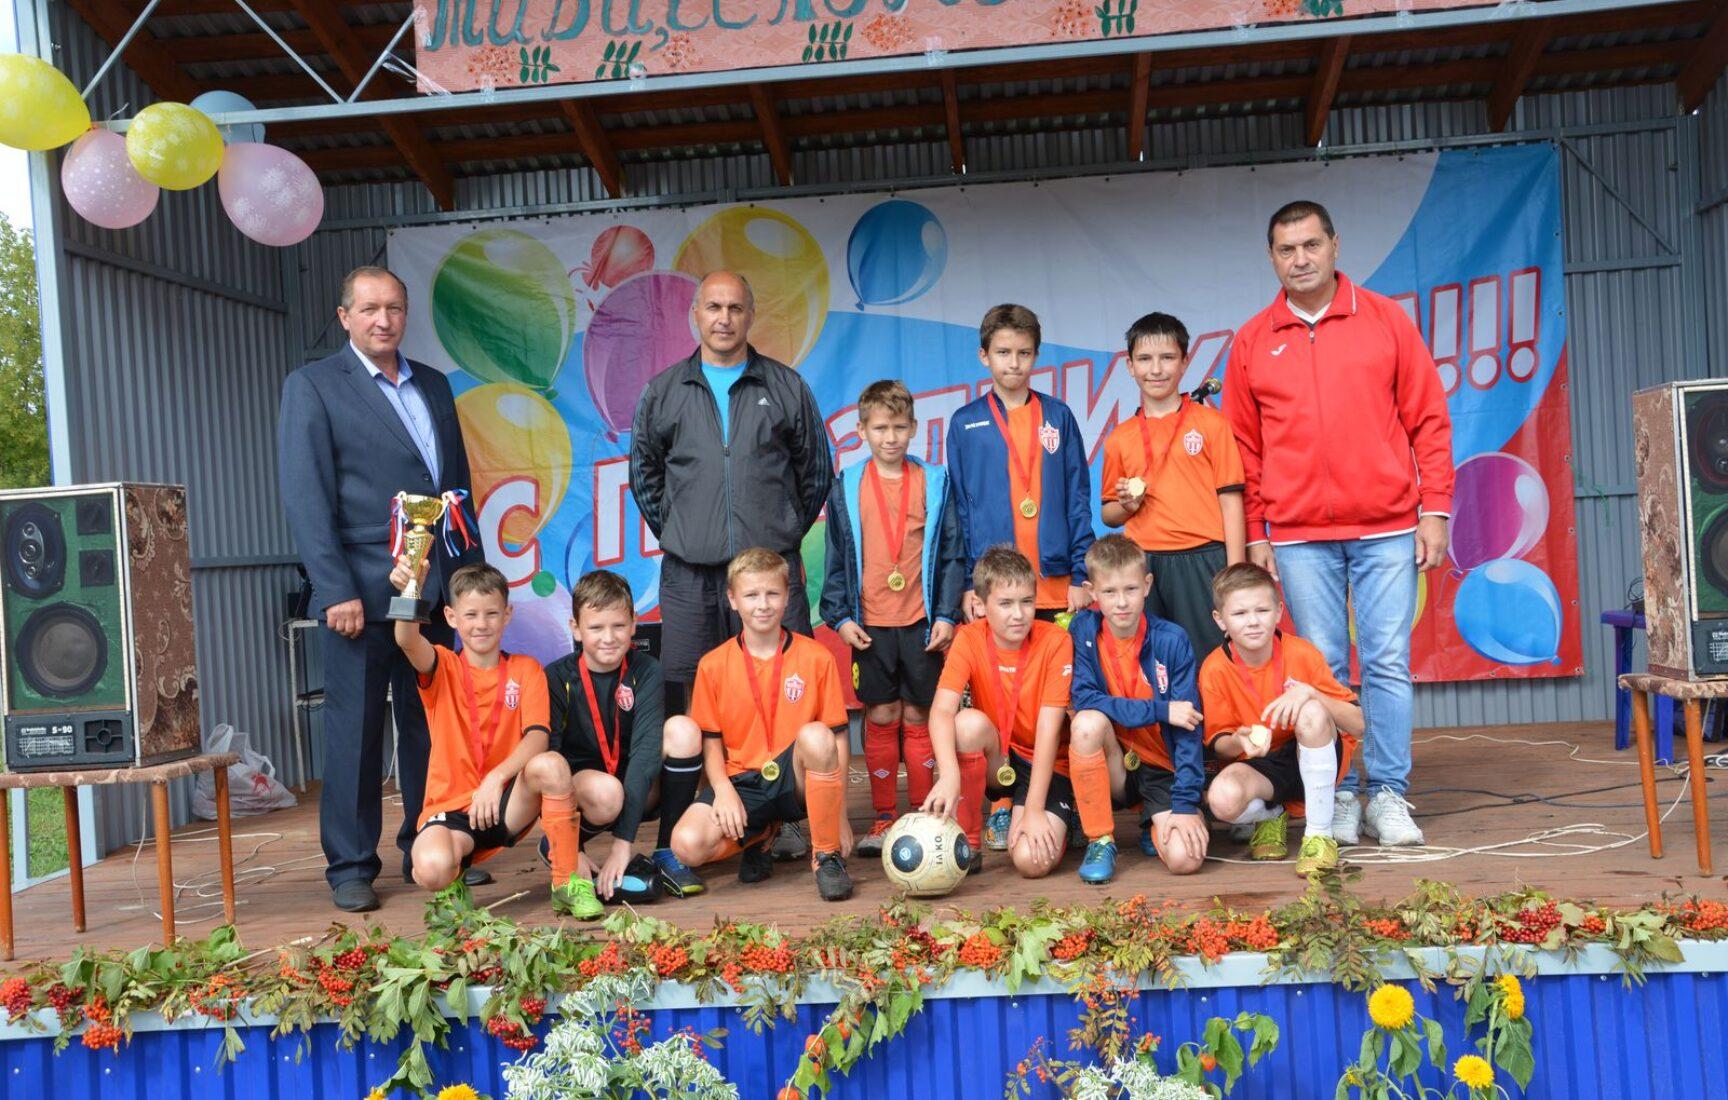 В поселке Степной Чернского района состоялся праздник в честь открытия парка «Рябинушка»